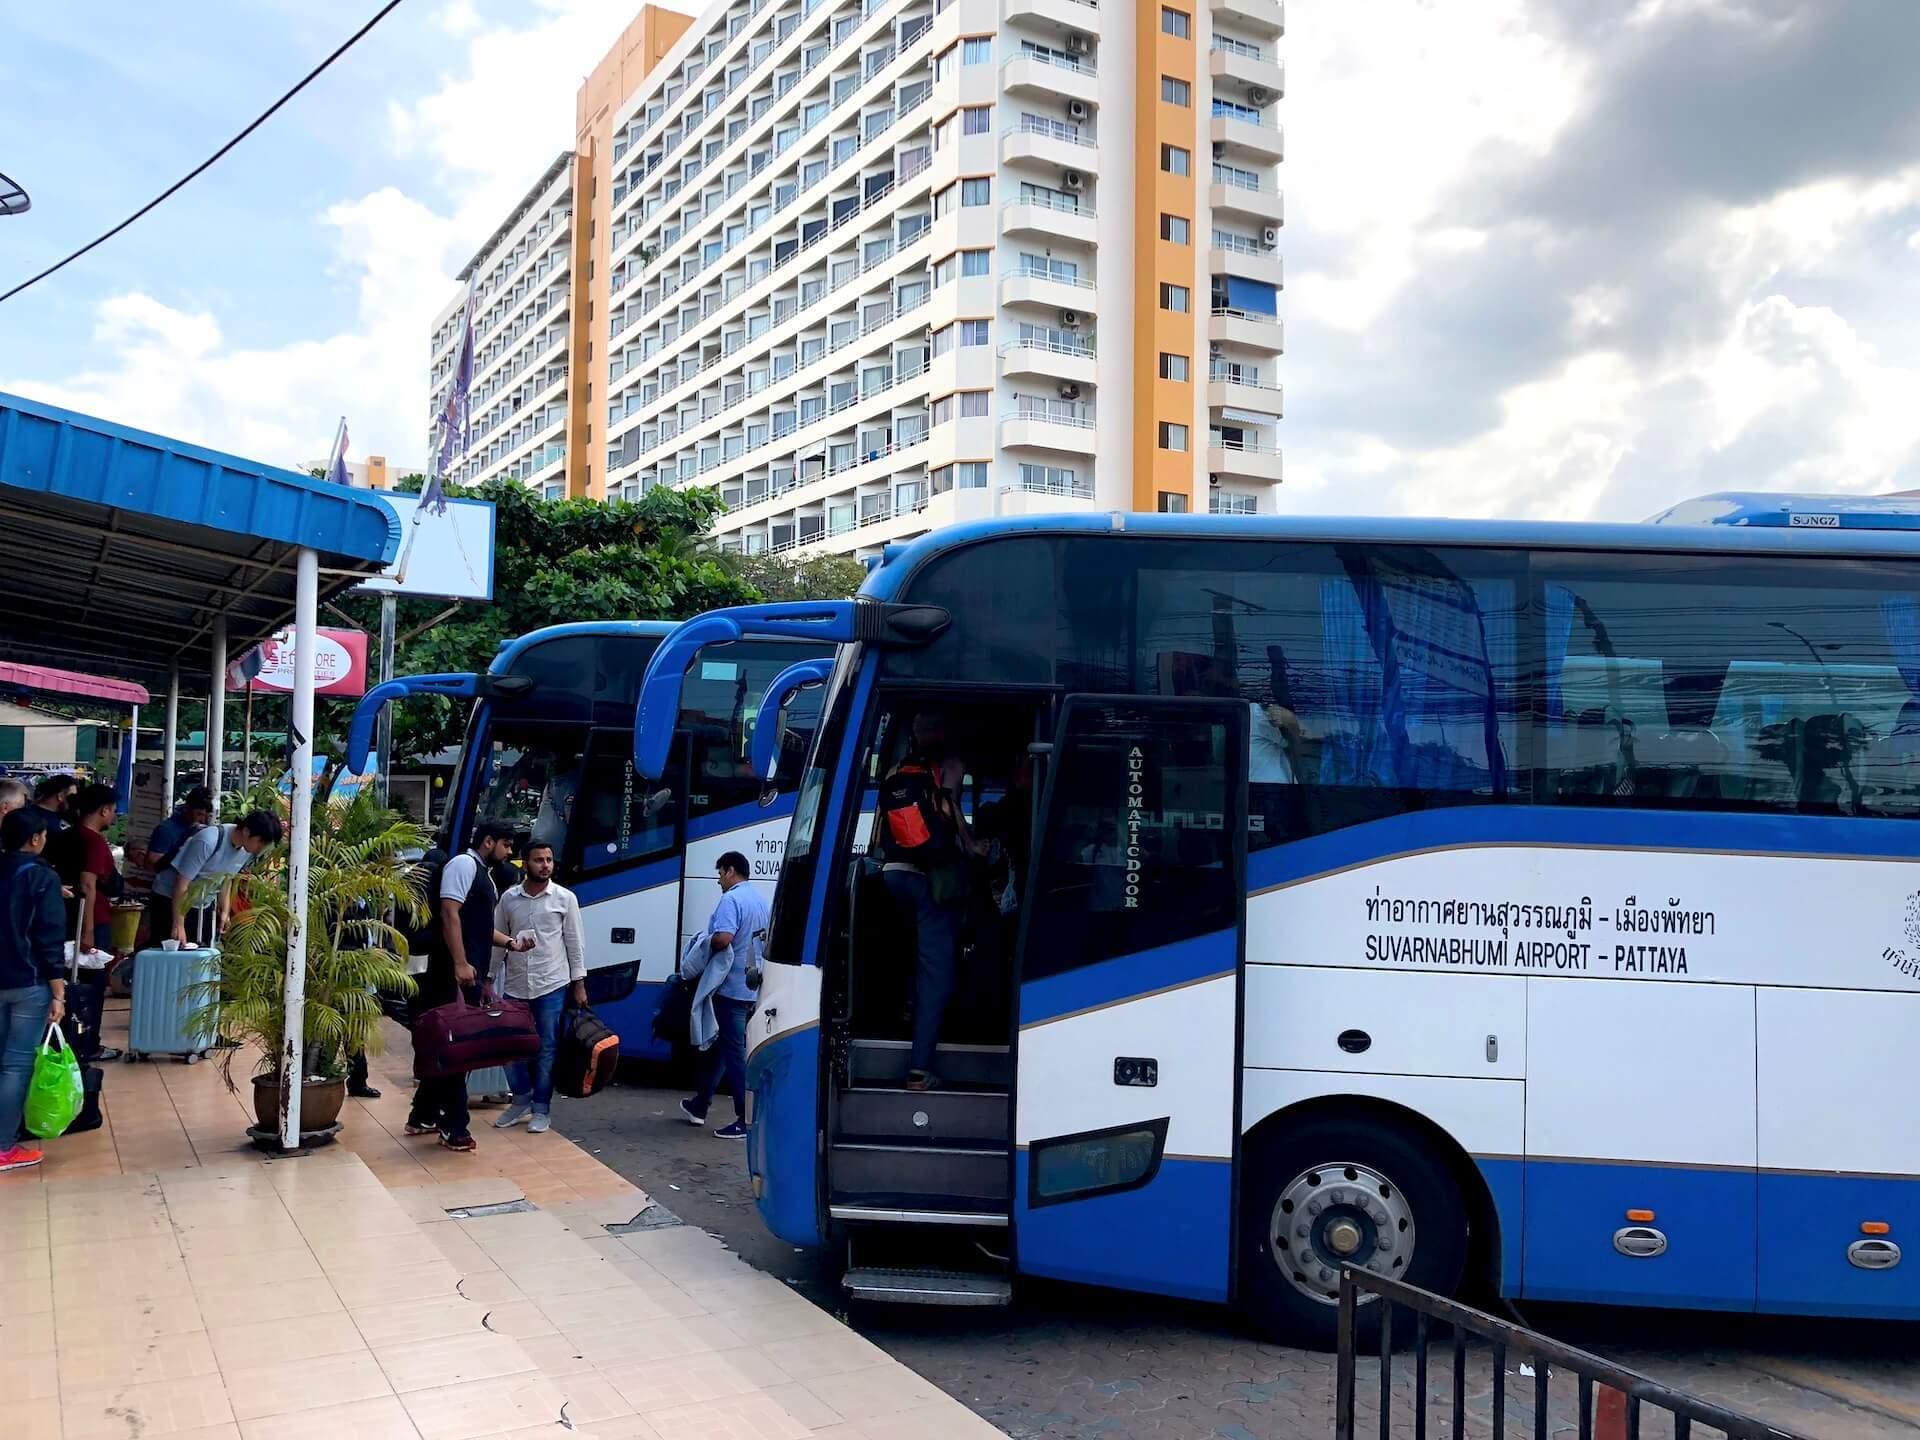 Suvarnabhumi Airport Bus Pattaya Bus-Station